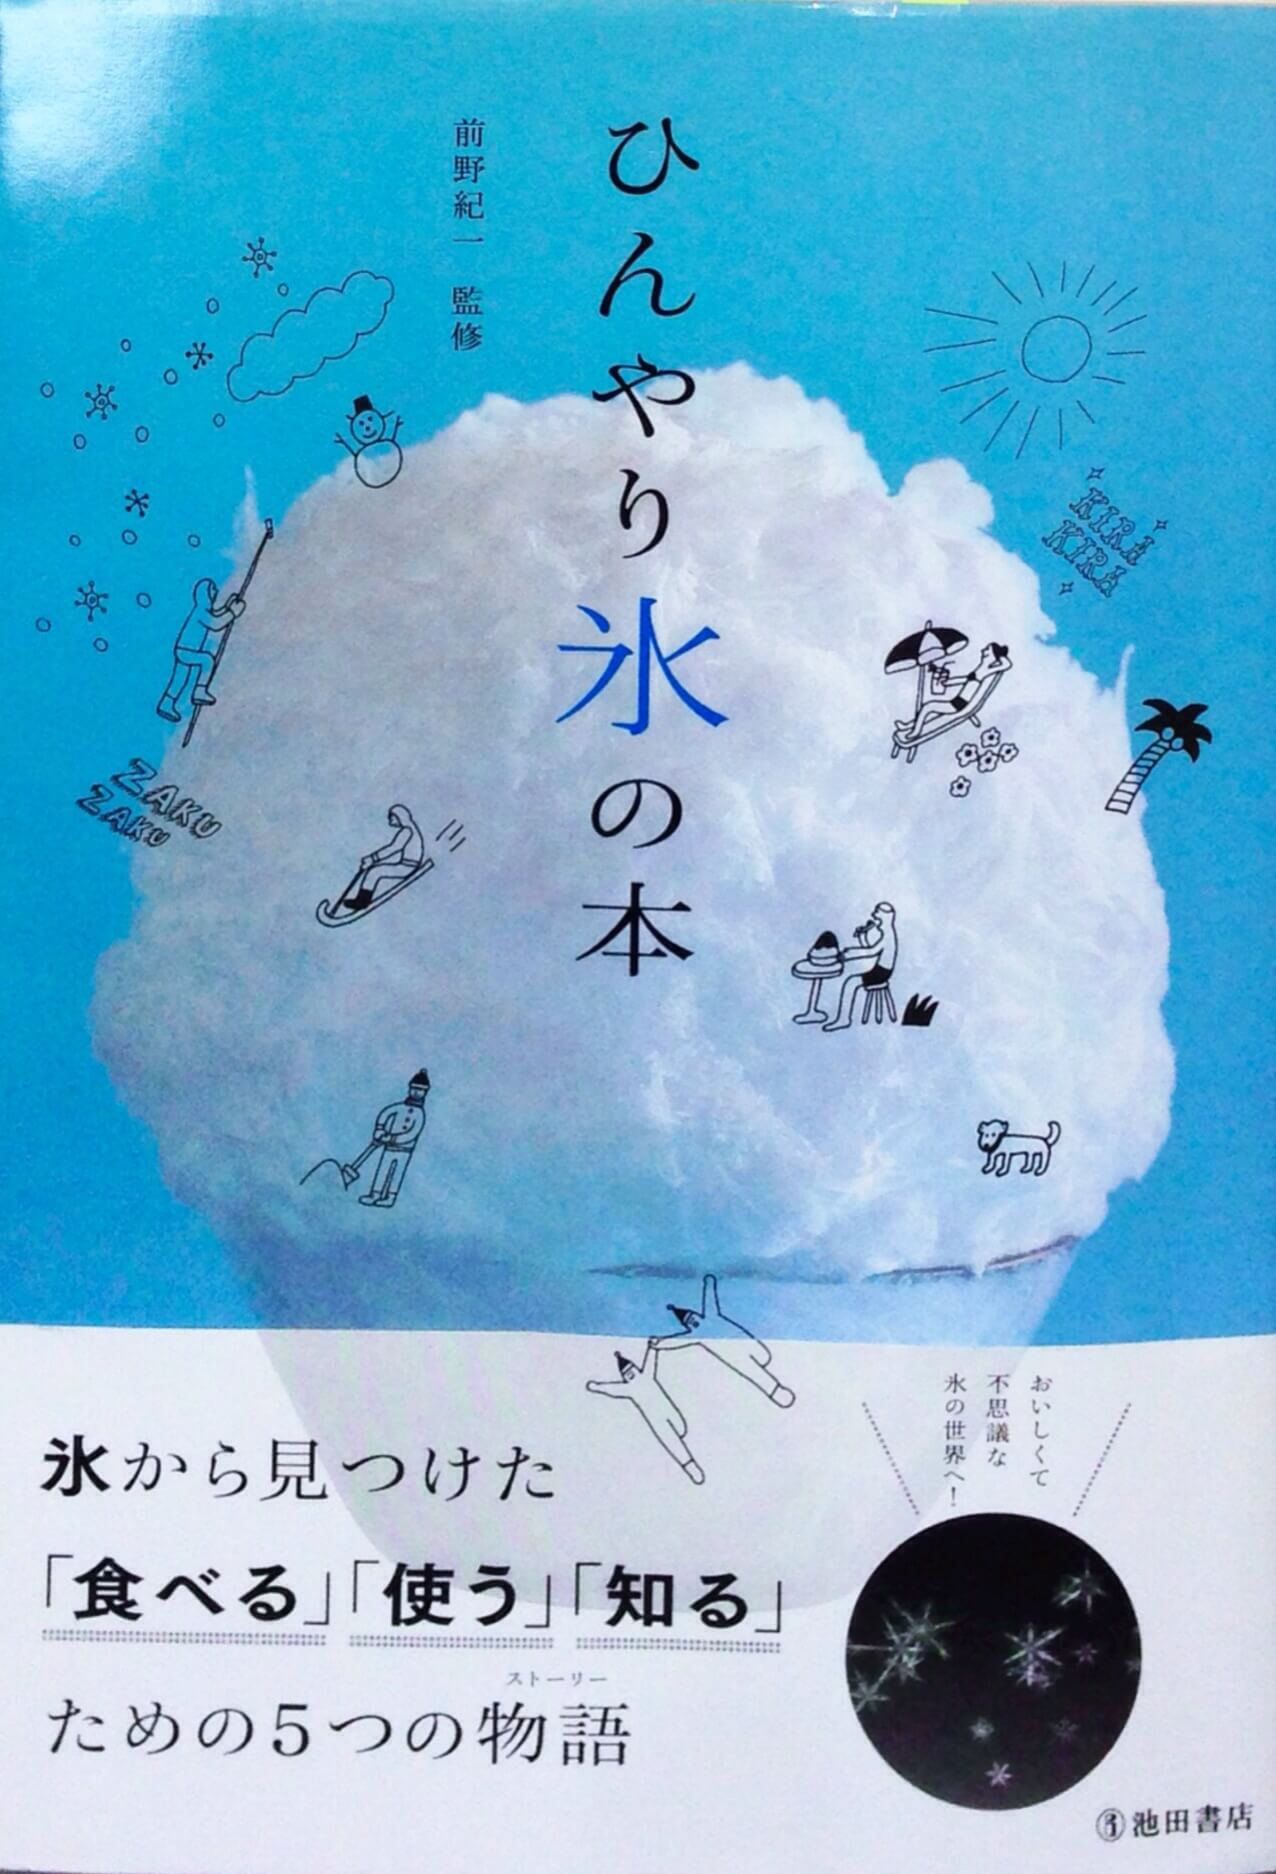 ひんやり氷の本 美味しいカキ氷を食べるために読んでおくべき一冊!